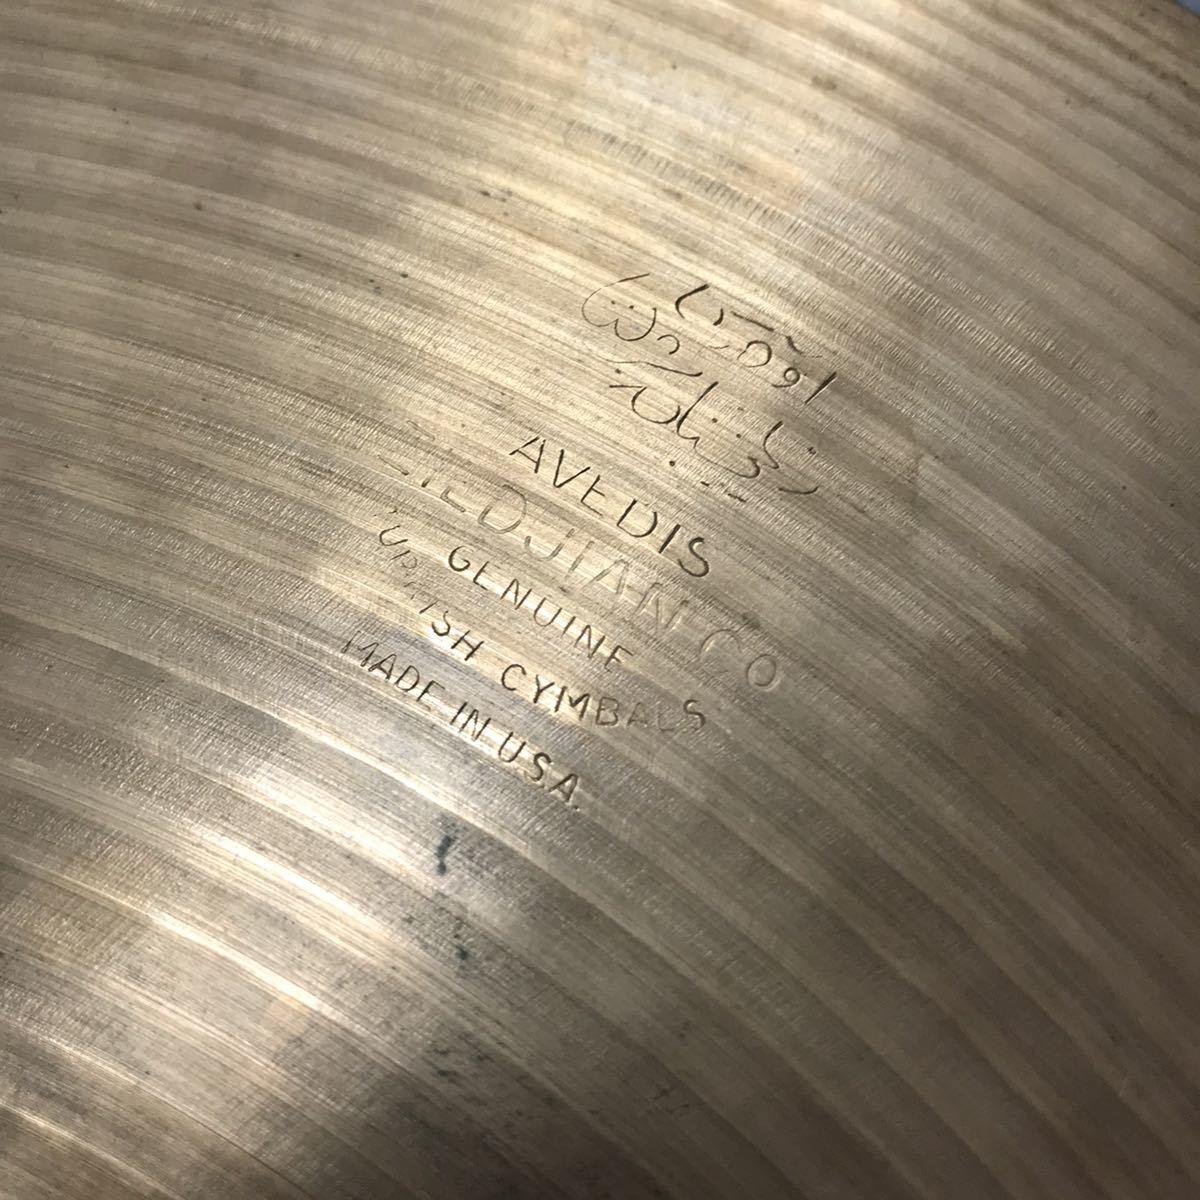 【中古品】ZILDJIAN ジルジャン AVEDIS TURKISH ターキッシュ シンバル 14インチ 直径35cm オールド ヴィンテージ 希少 レア_画像2